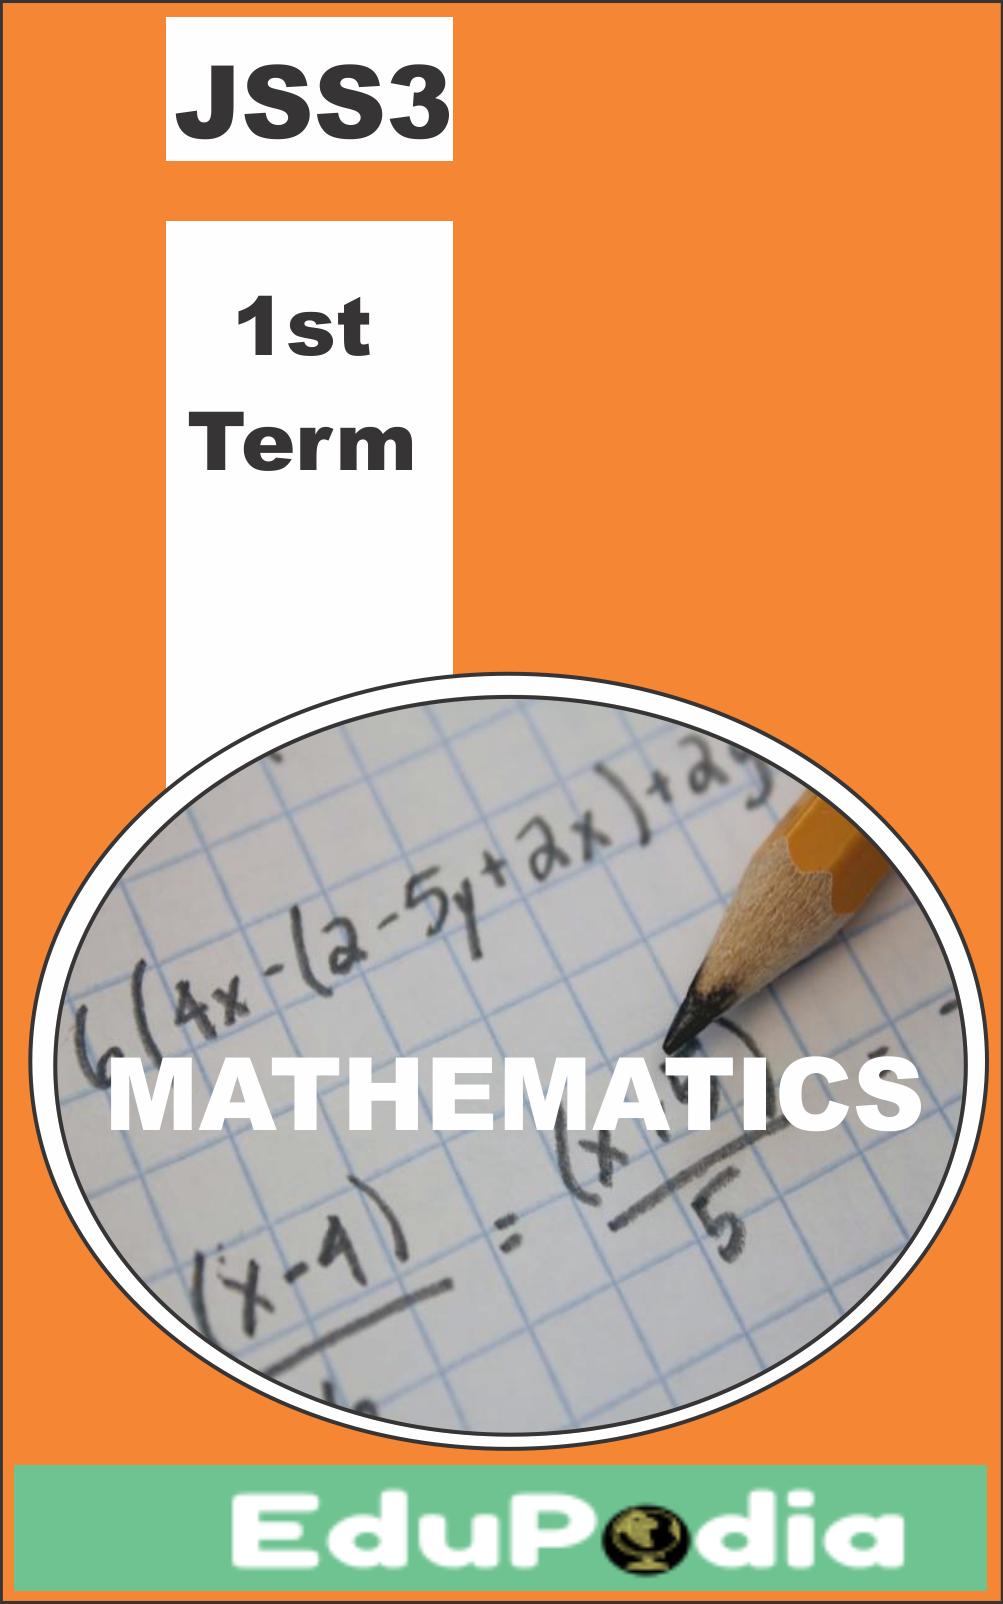 First Term JSS3 Mathematics Lesson Note